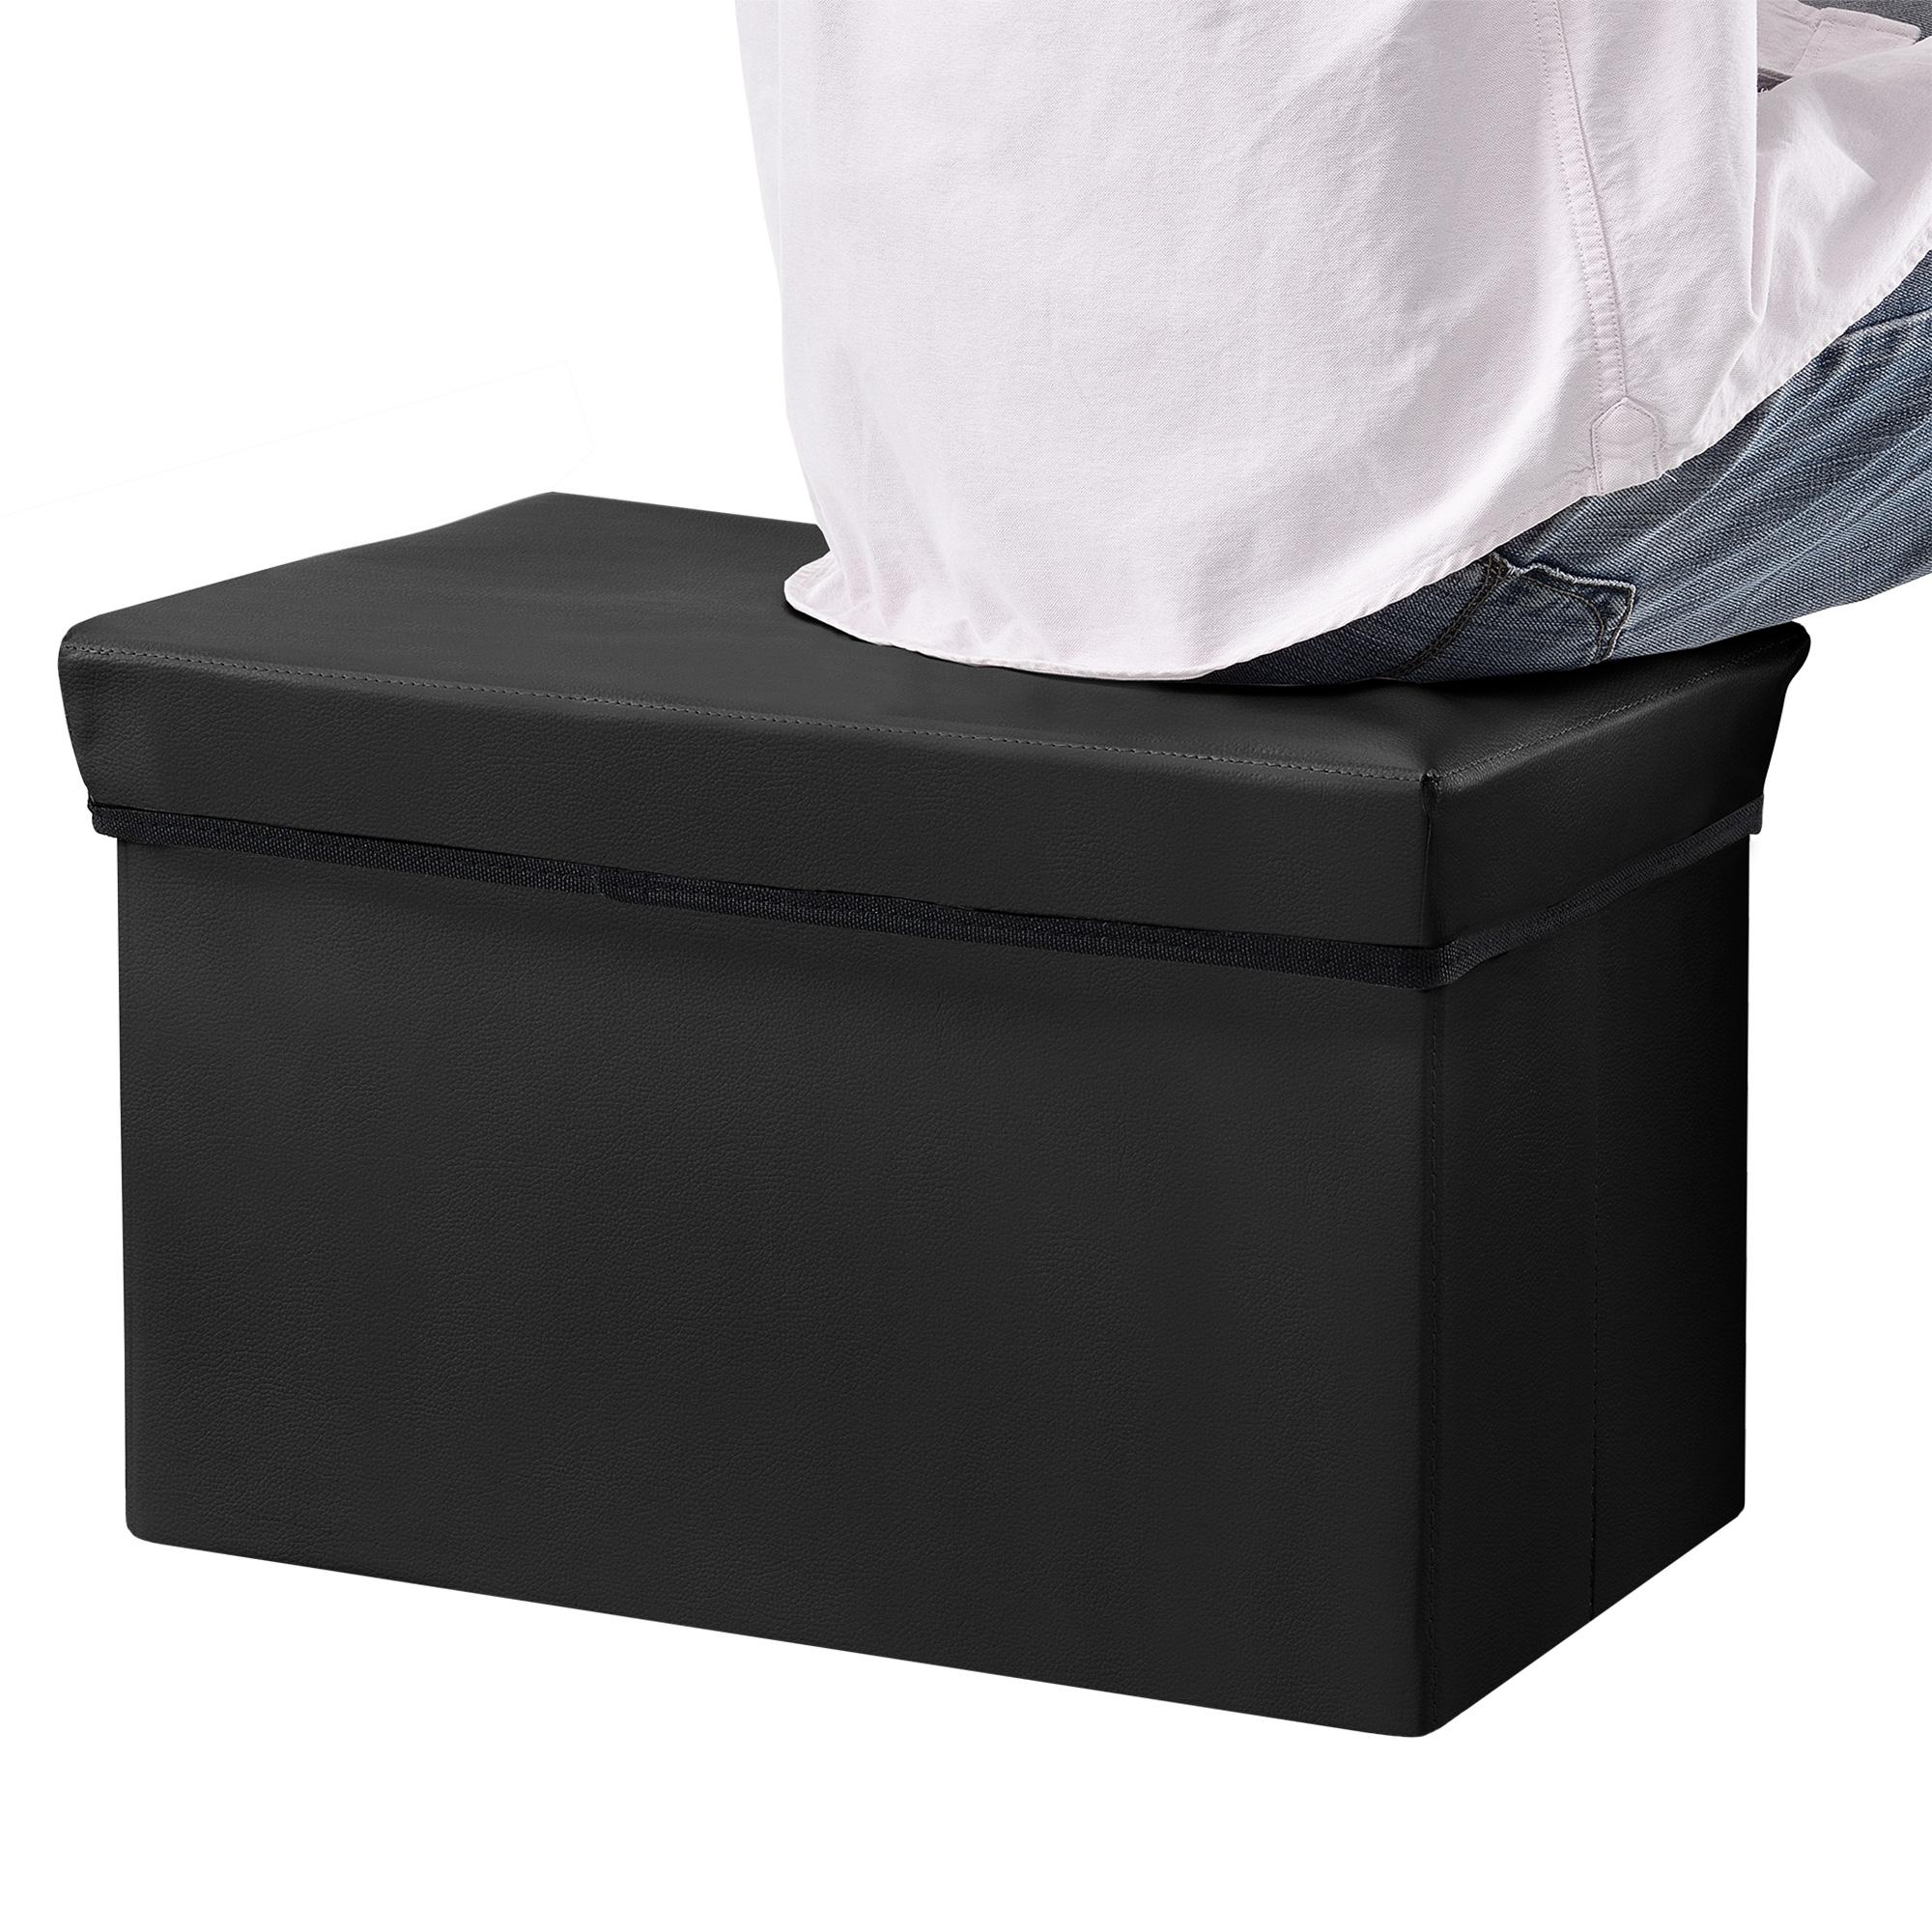 sitzhocker schwarz 48x31x31cm sitz bank aufbewahrungsbox truhe hocker ebay. Black Bedroom Furniture Sets. Home Design Ideas